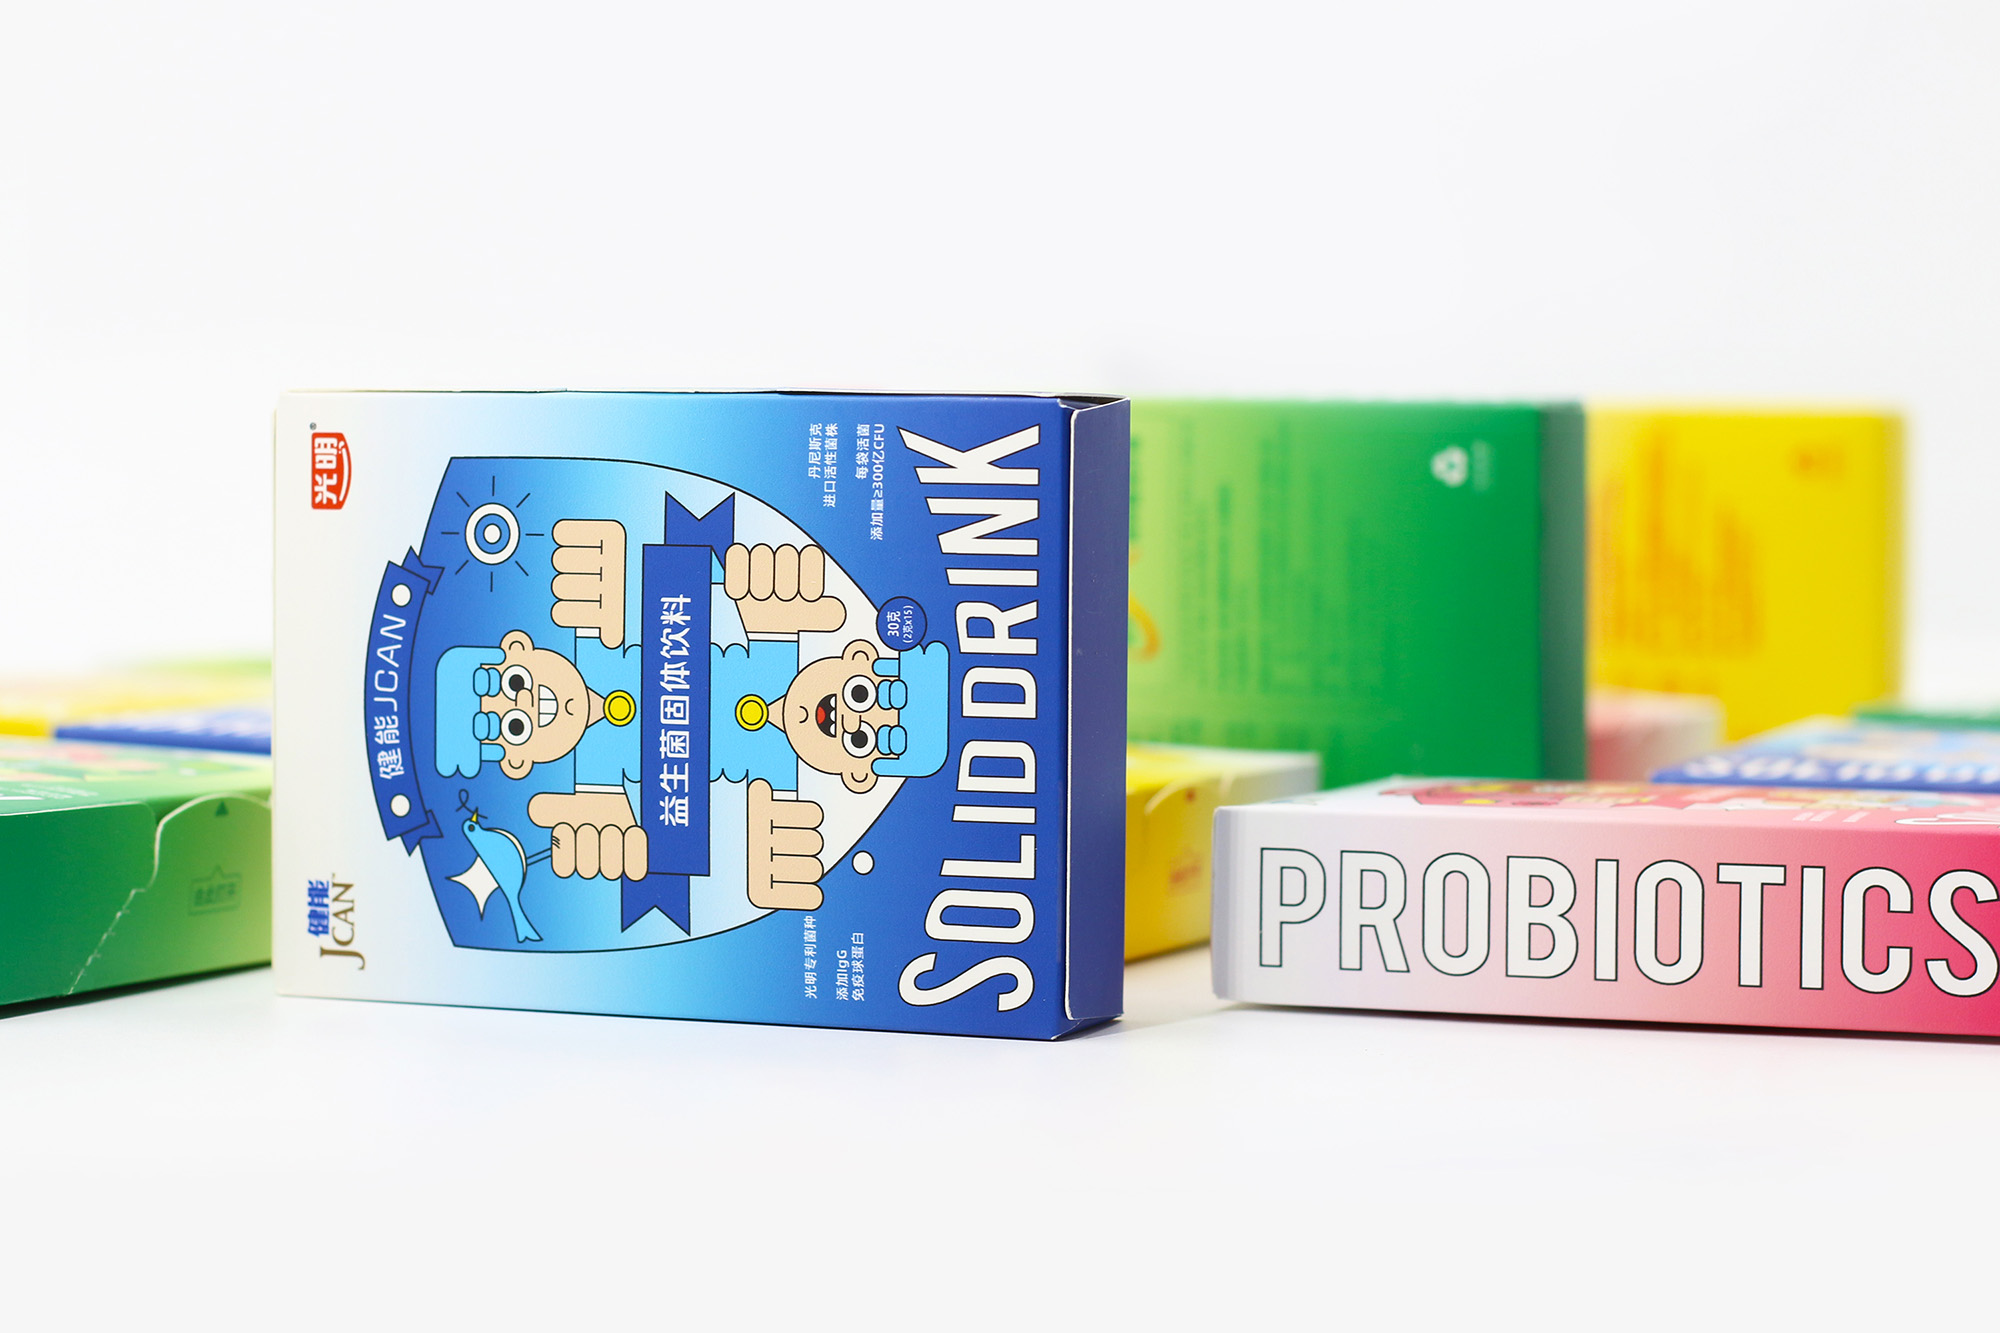 光明益生菌固体饮料 - 包装设计